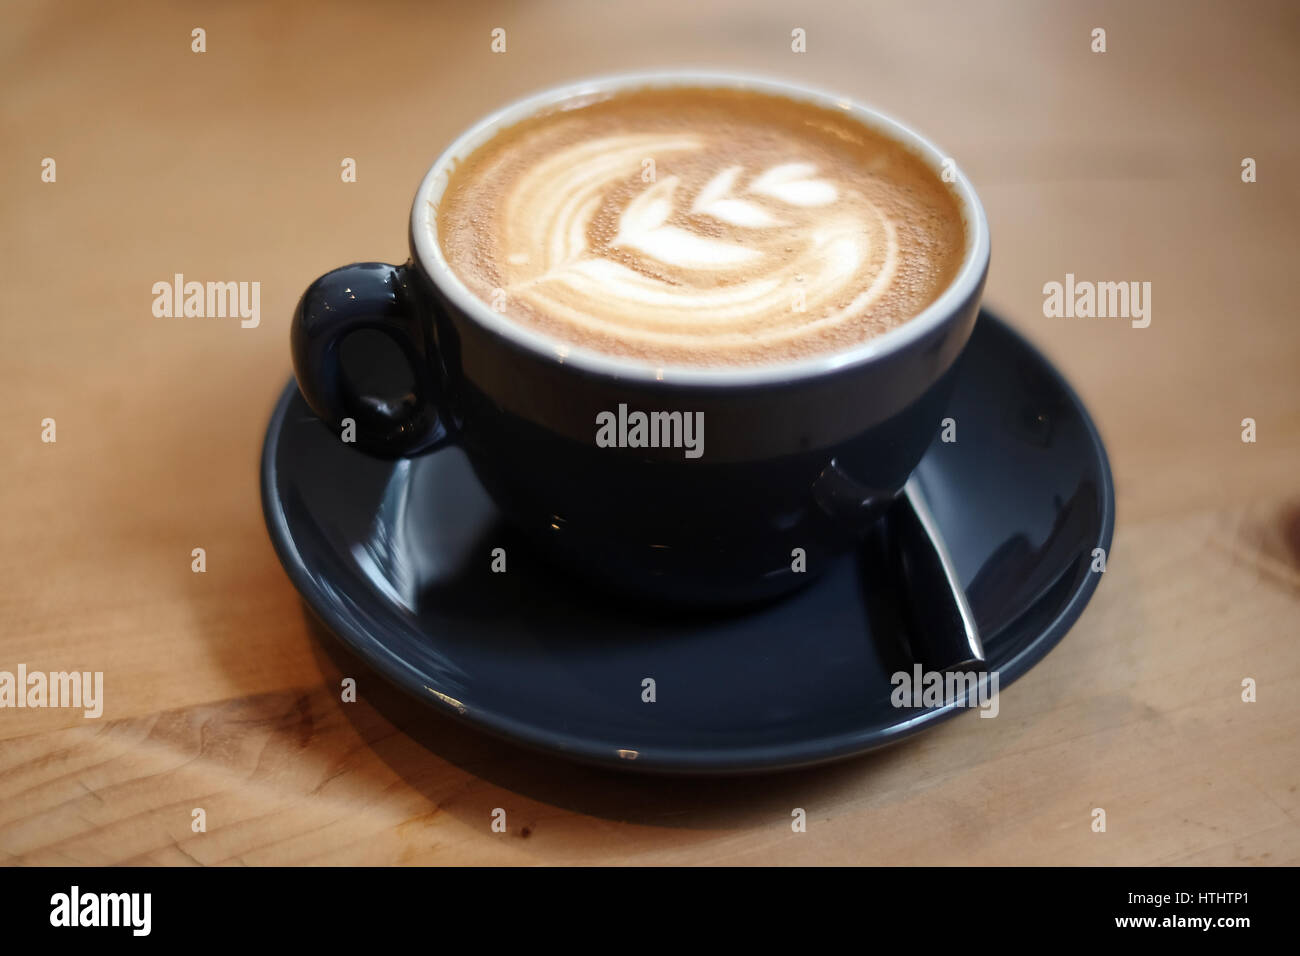 Piatto bianco caffè, in un ristorante, su di un tavolo di legno Immagini Stock